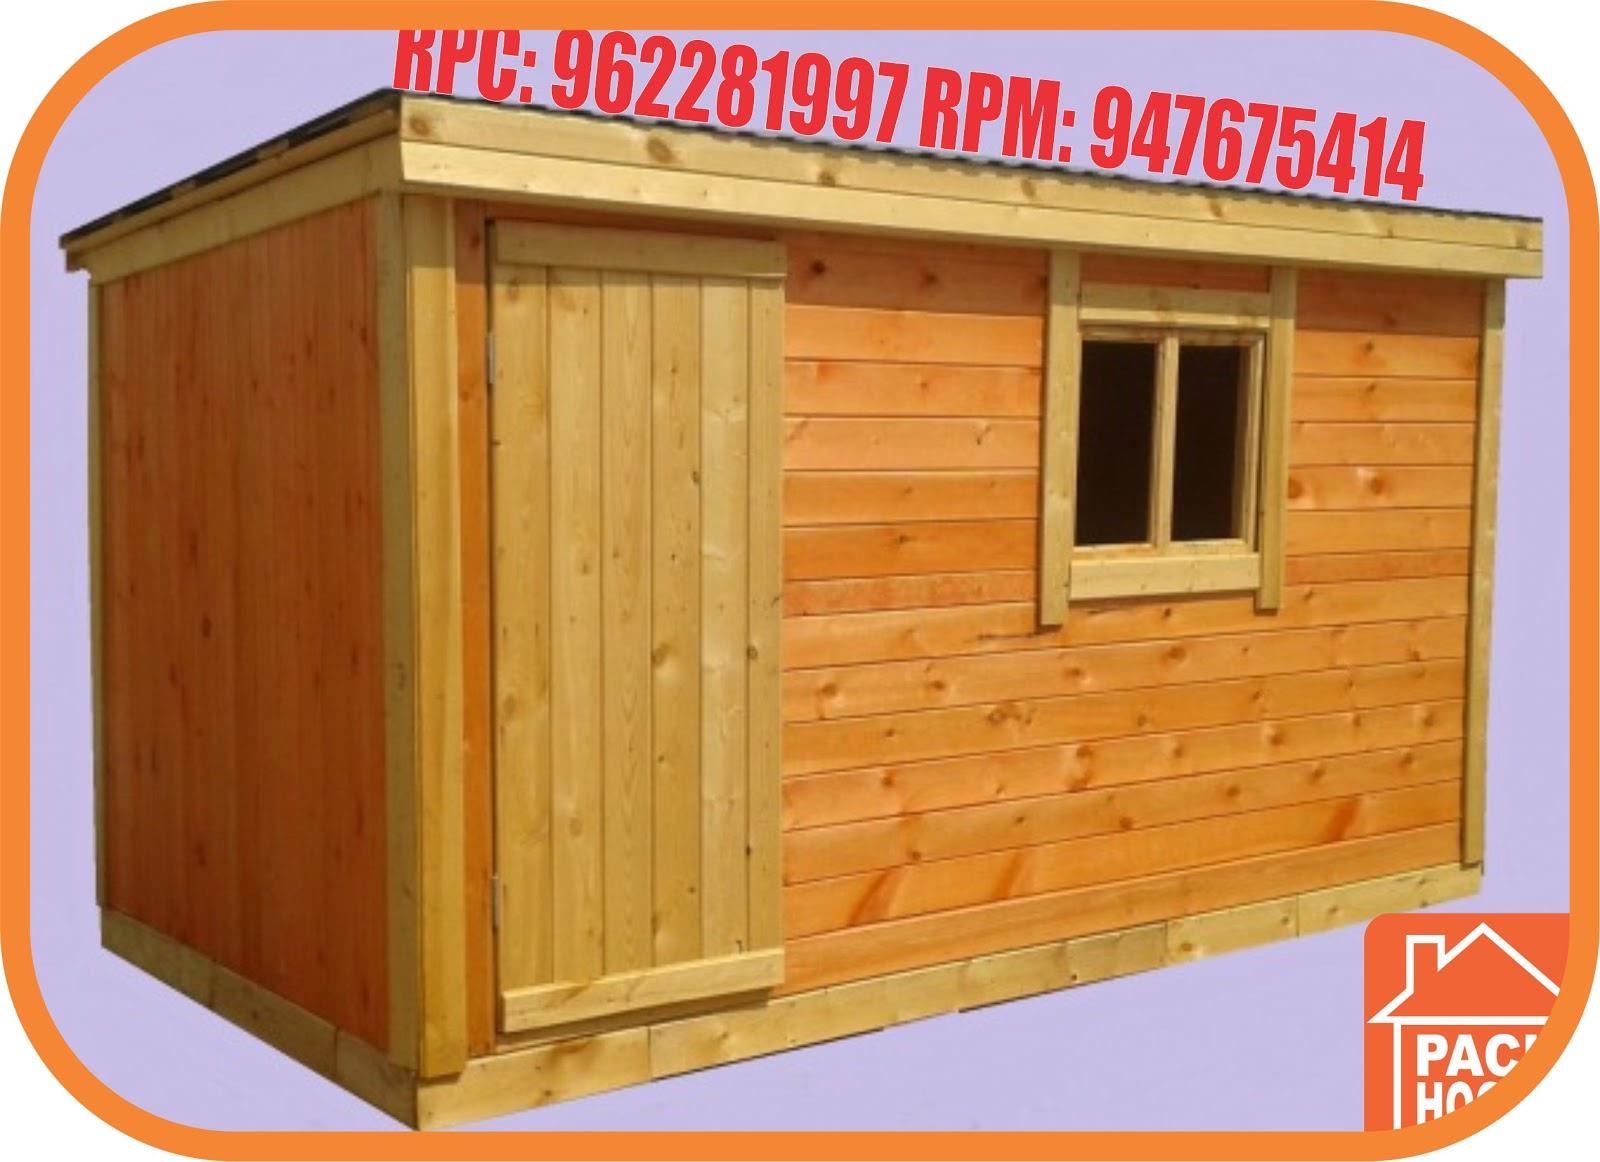 Cuartos habitaciones prefabricadas para la azotea for Habitaciones prefabricadas precios